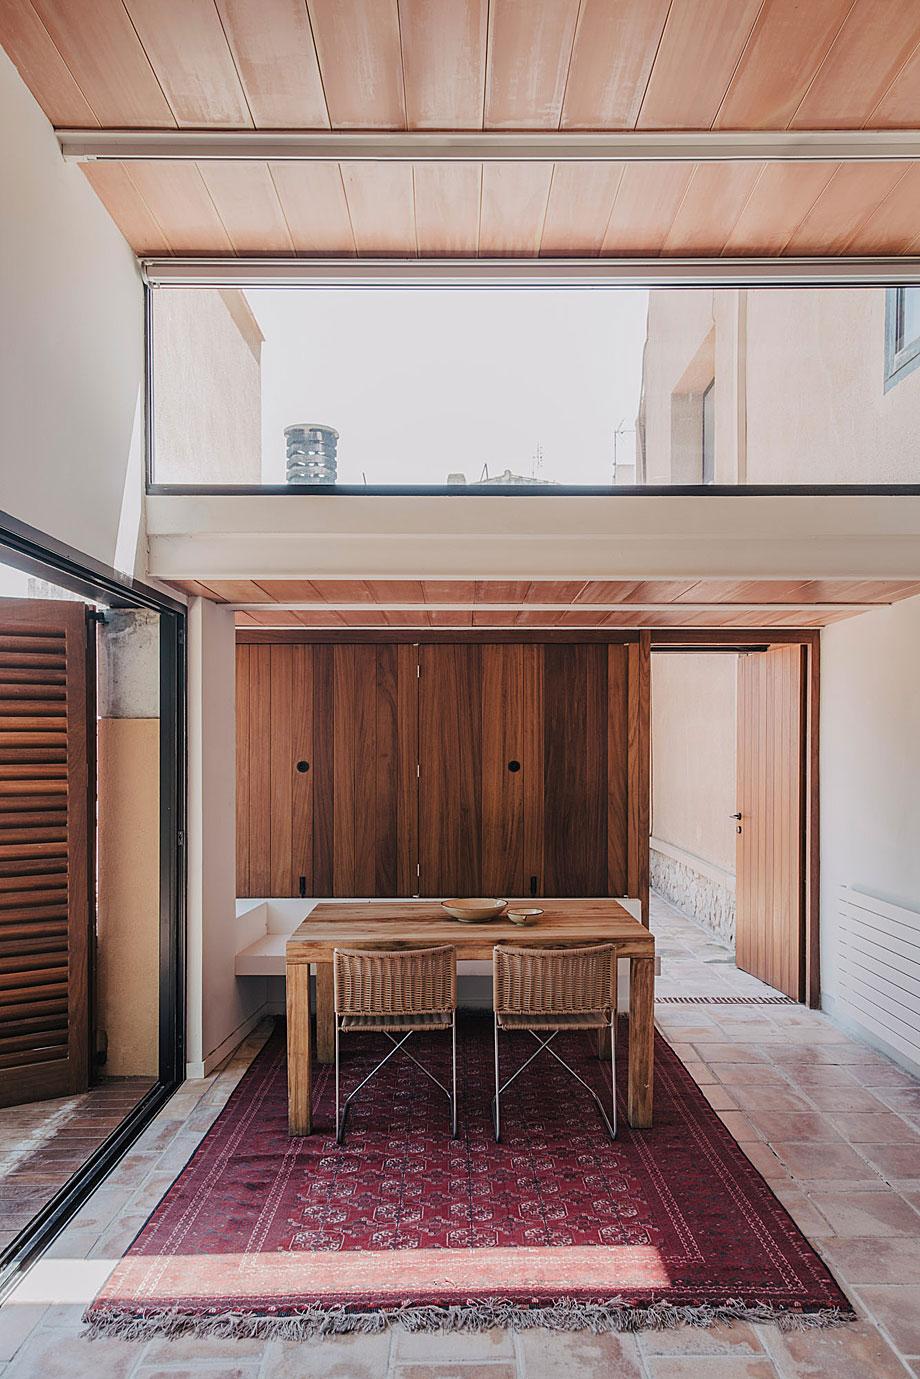 mesura-architecture-sant-mori-ampliacion-girona-housing-project-spain-arquitectura-2